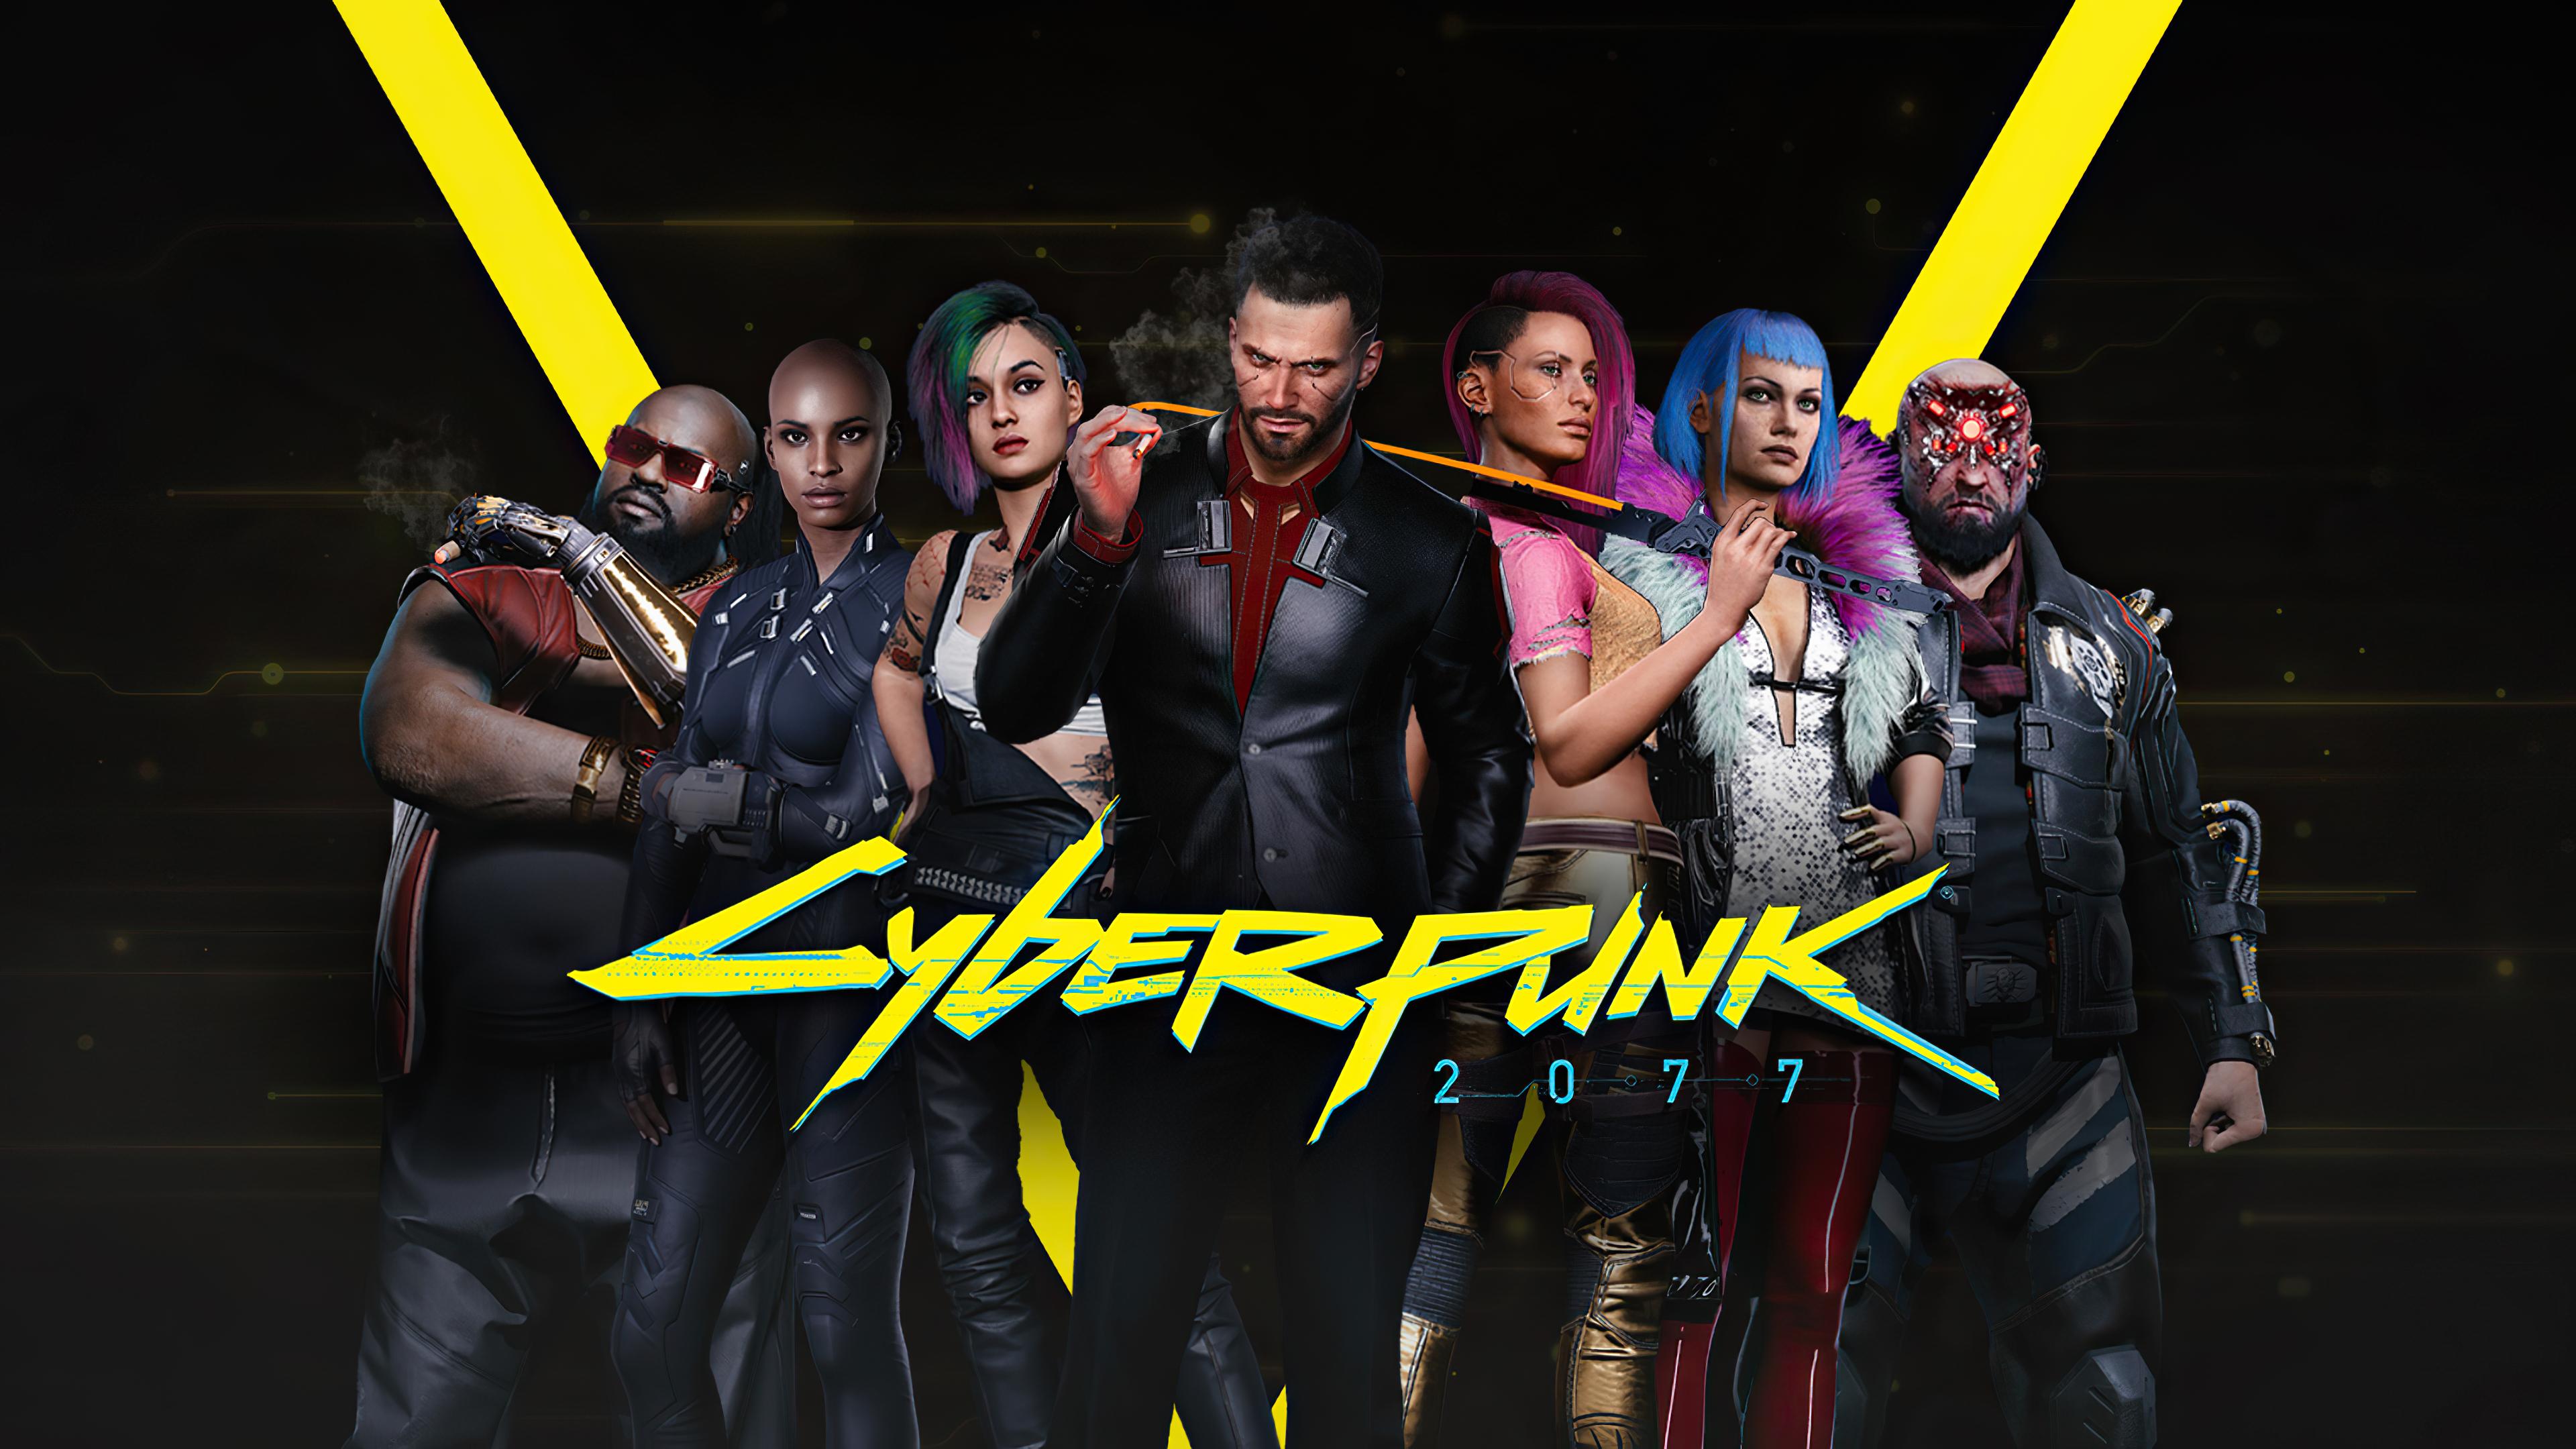 Cyberpunk 2077 tiene gran cantidad de personajes, que se desdibujan con el tiempo. cyberpunk 2077